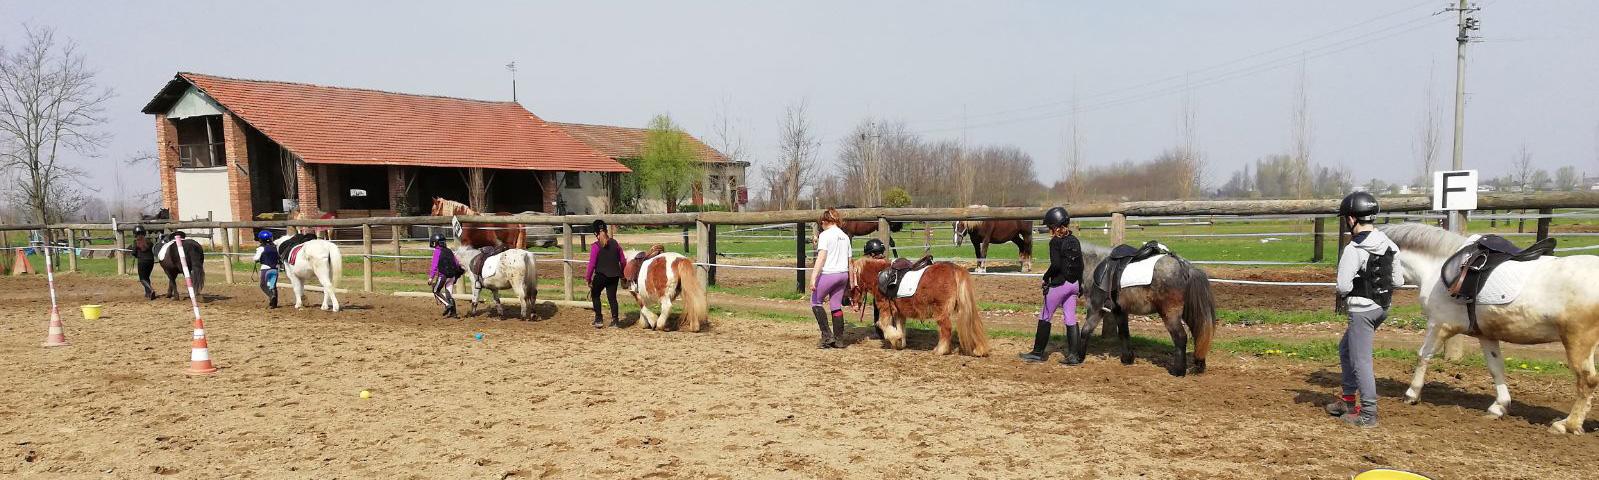 Corsi estivi di equitazione e settimane verdi per bambini e ragazzi, campus estivi ragazzi, equitazione per bambini, lezioni di equitazione, fattoria didattica e animali della cascina